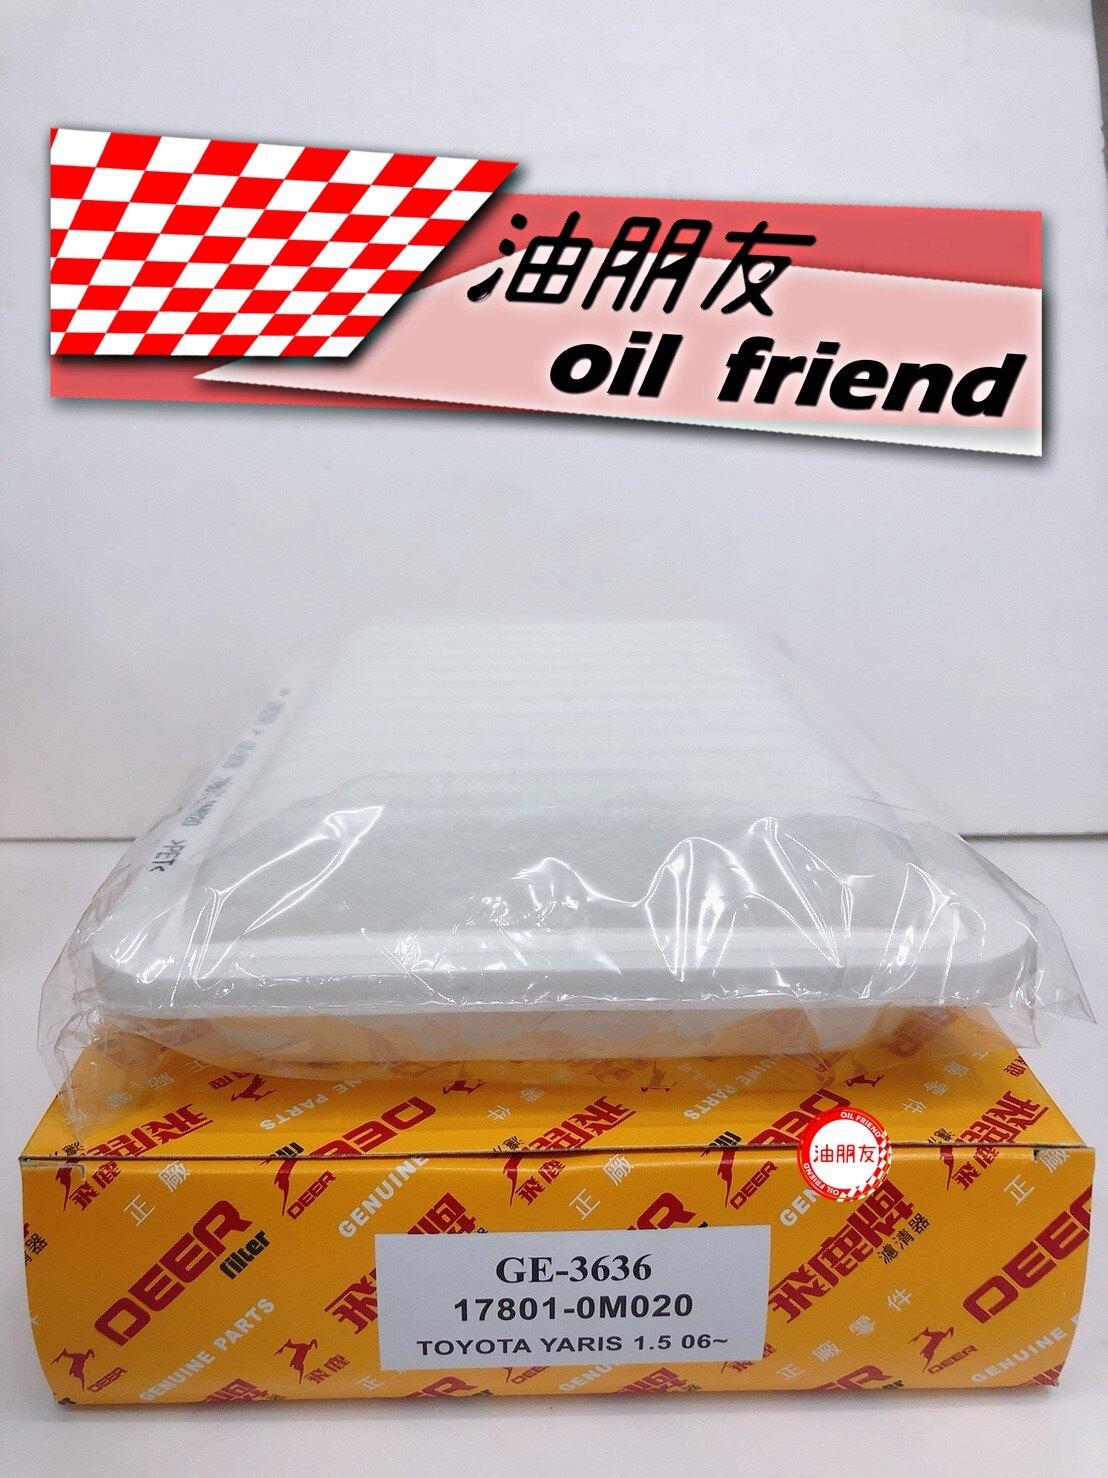 -油朋友-   飛鹿 GE-3636 TOYOTA WISH YARIS ALTIS 空氣濾網 空氣濾芯 空氣芯 空濾